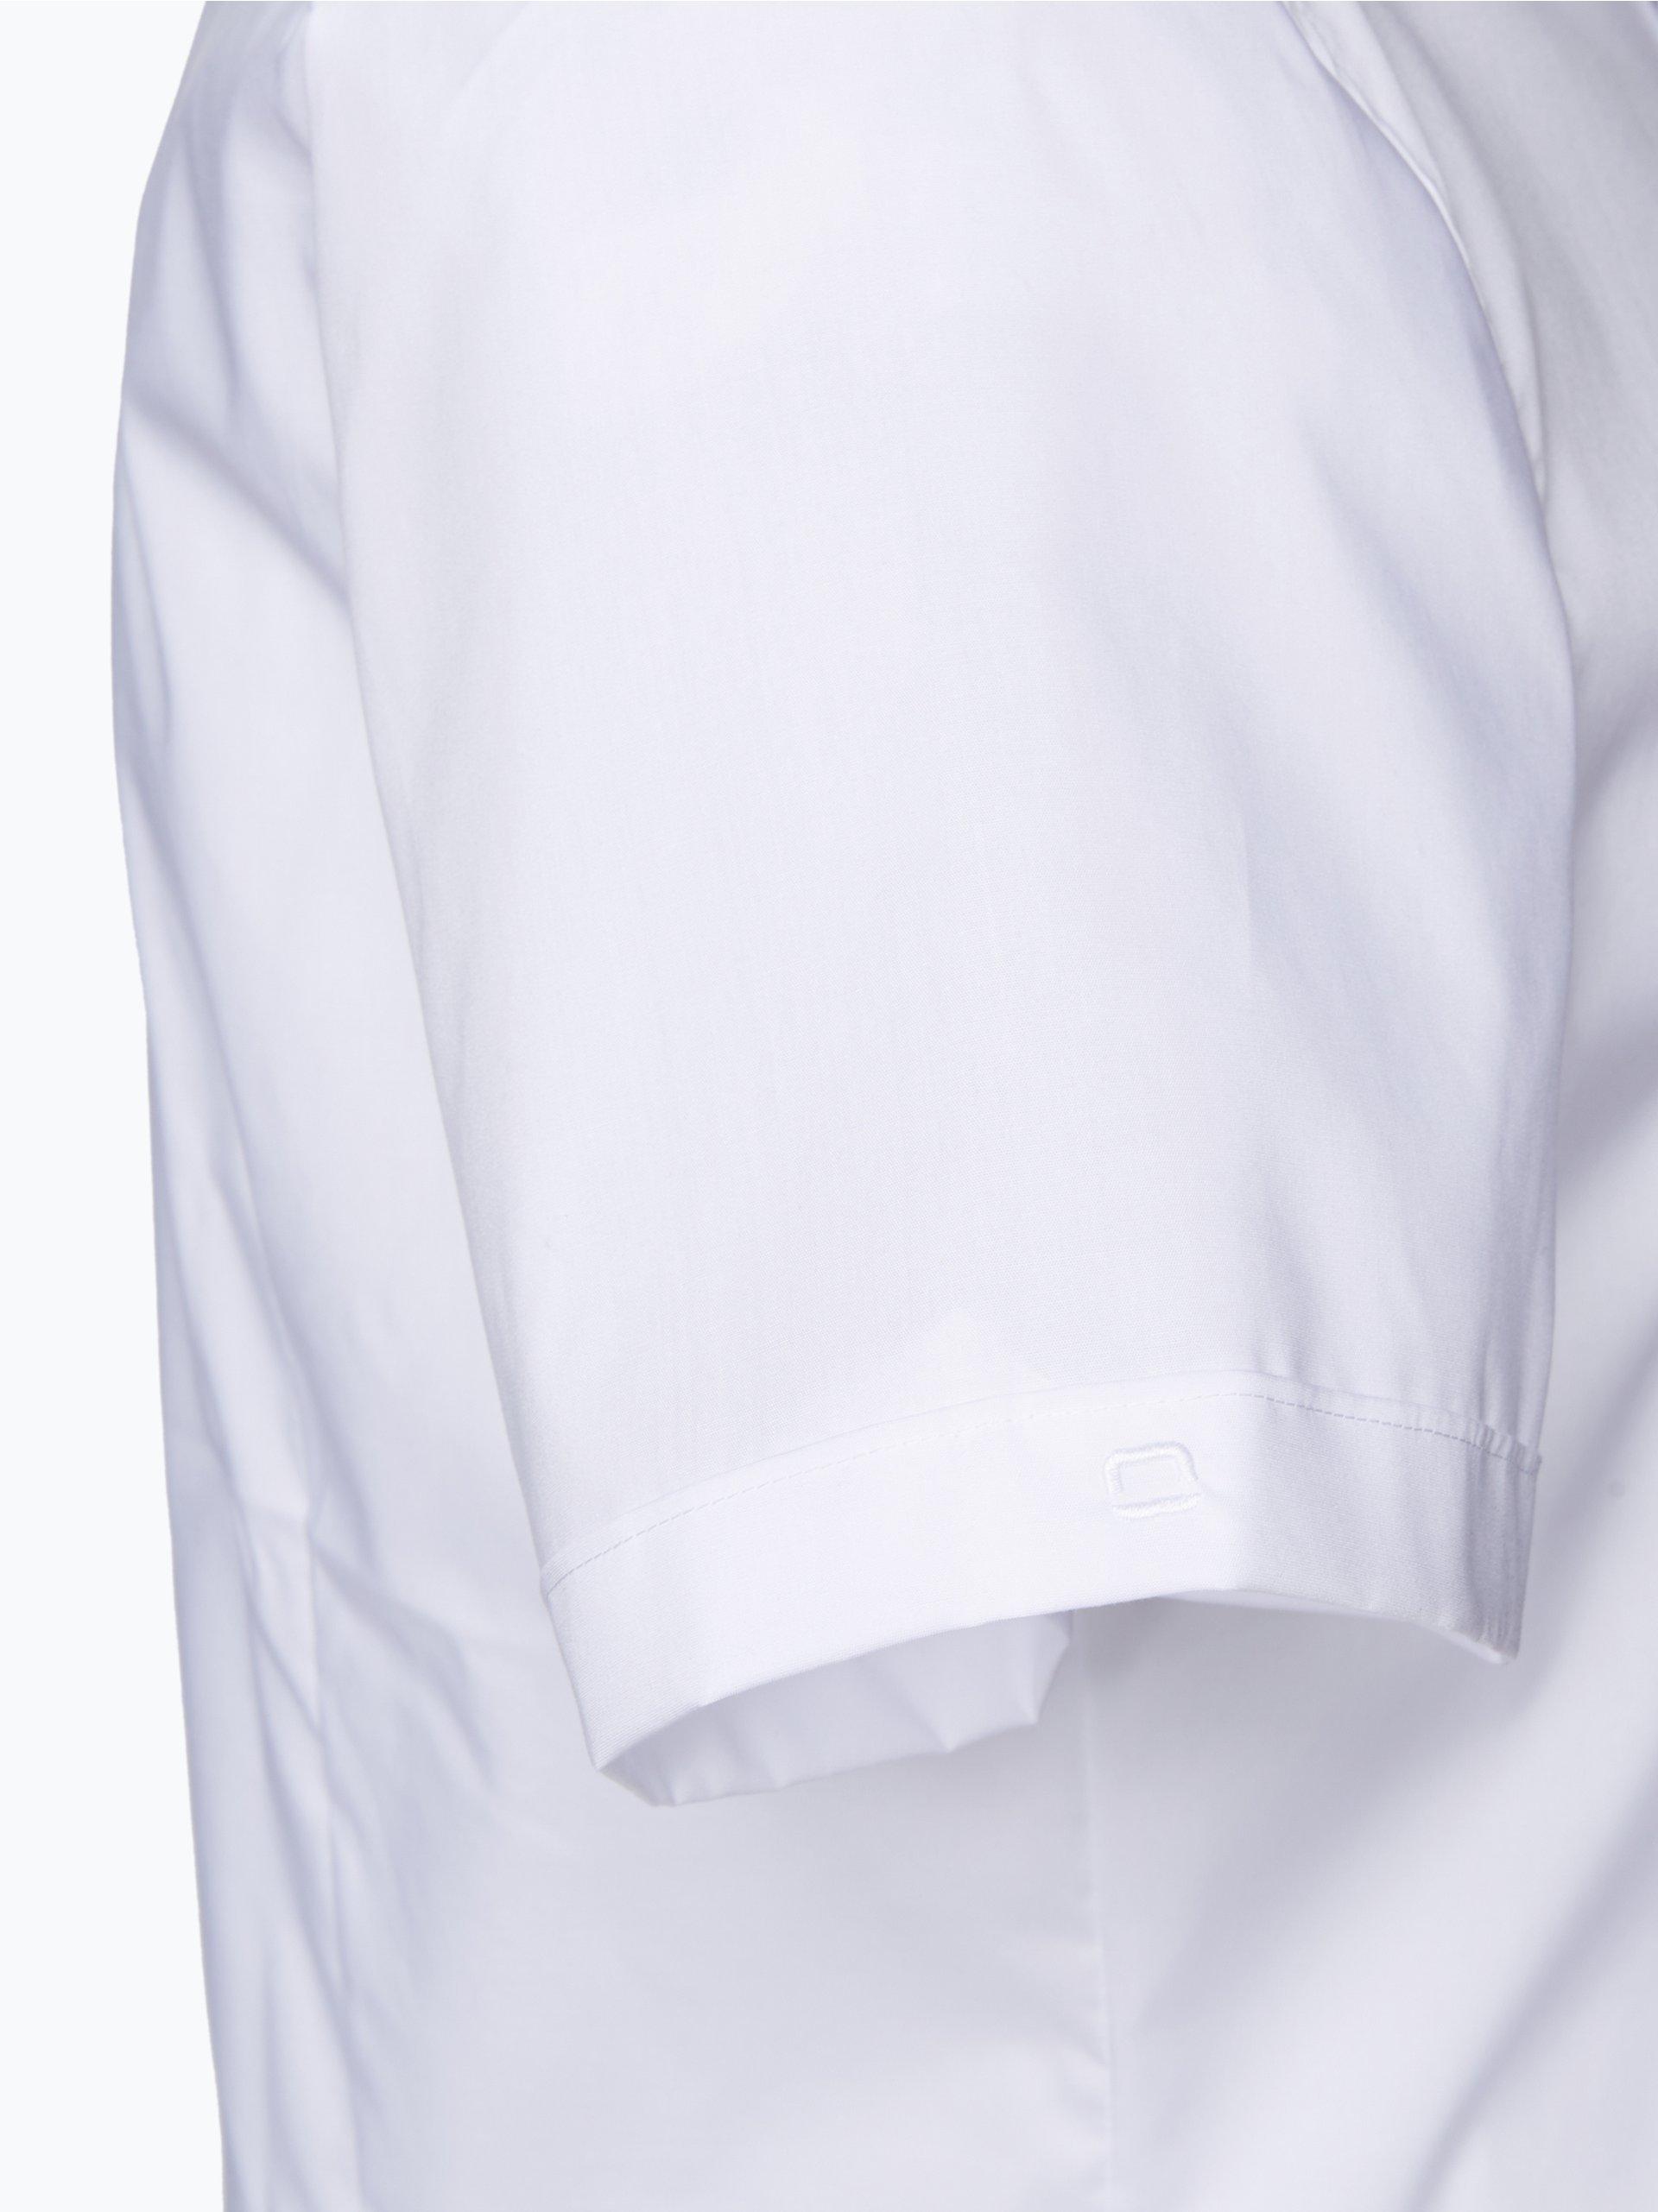 Olymp Level 5 Koszula męska łatwa w prasowaniu